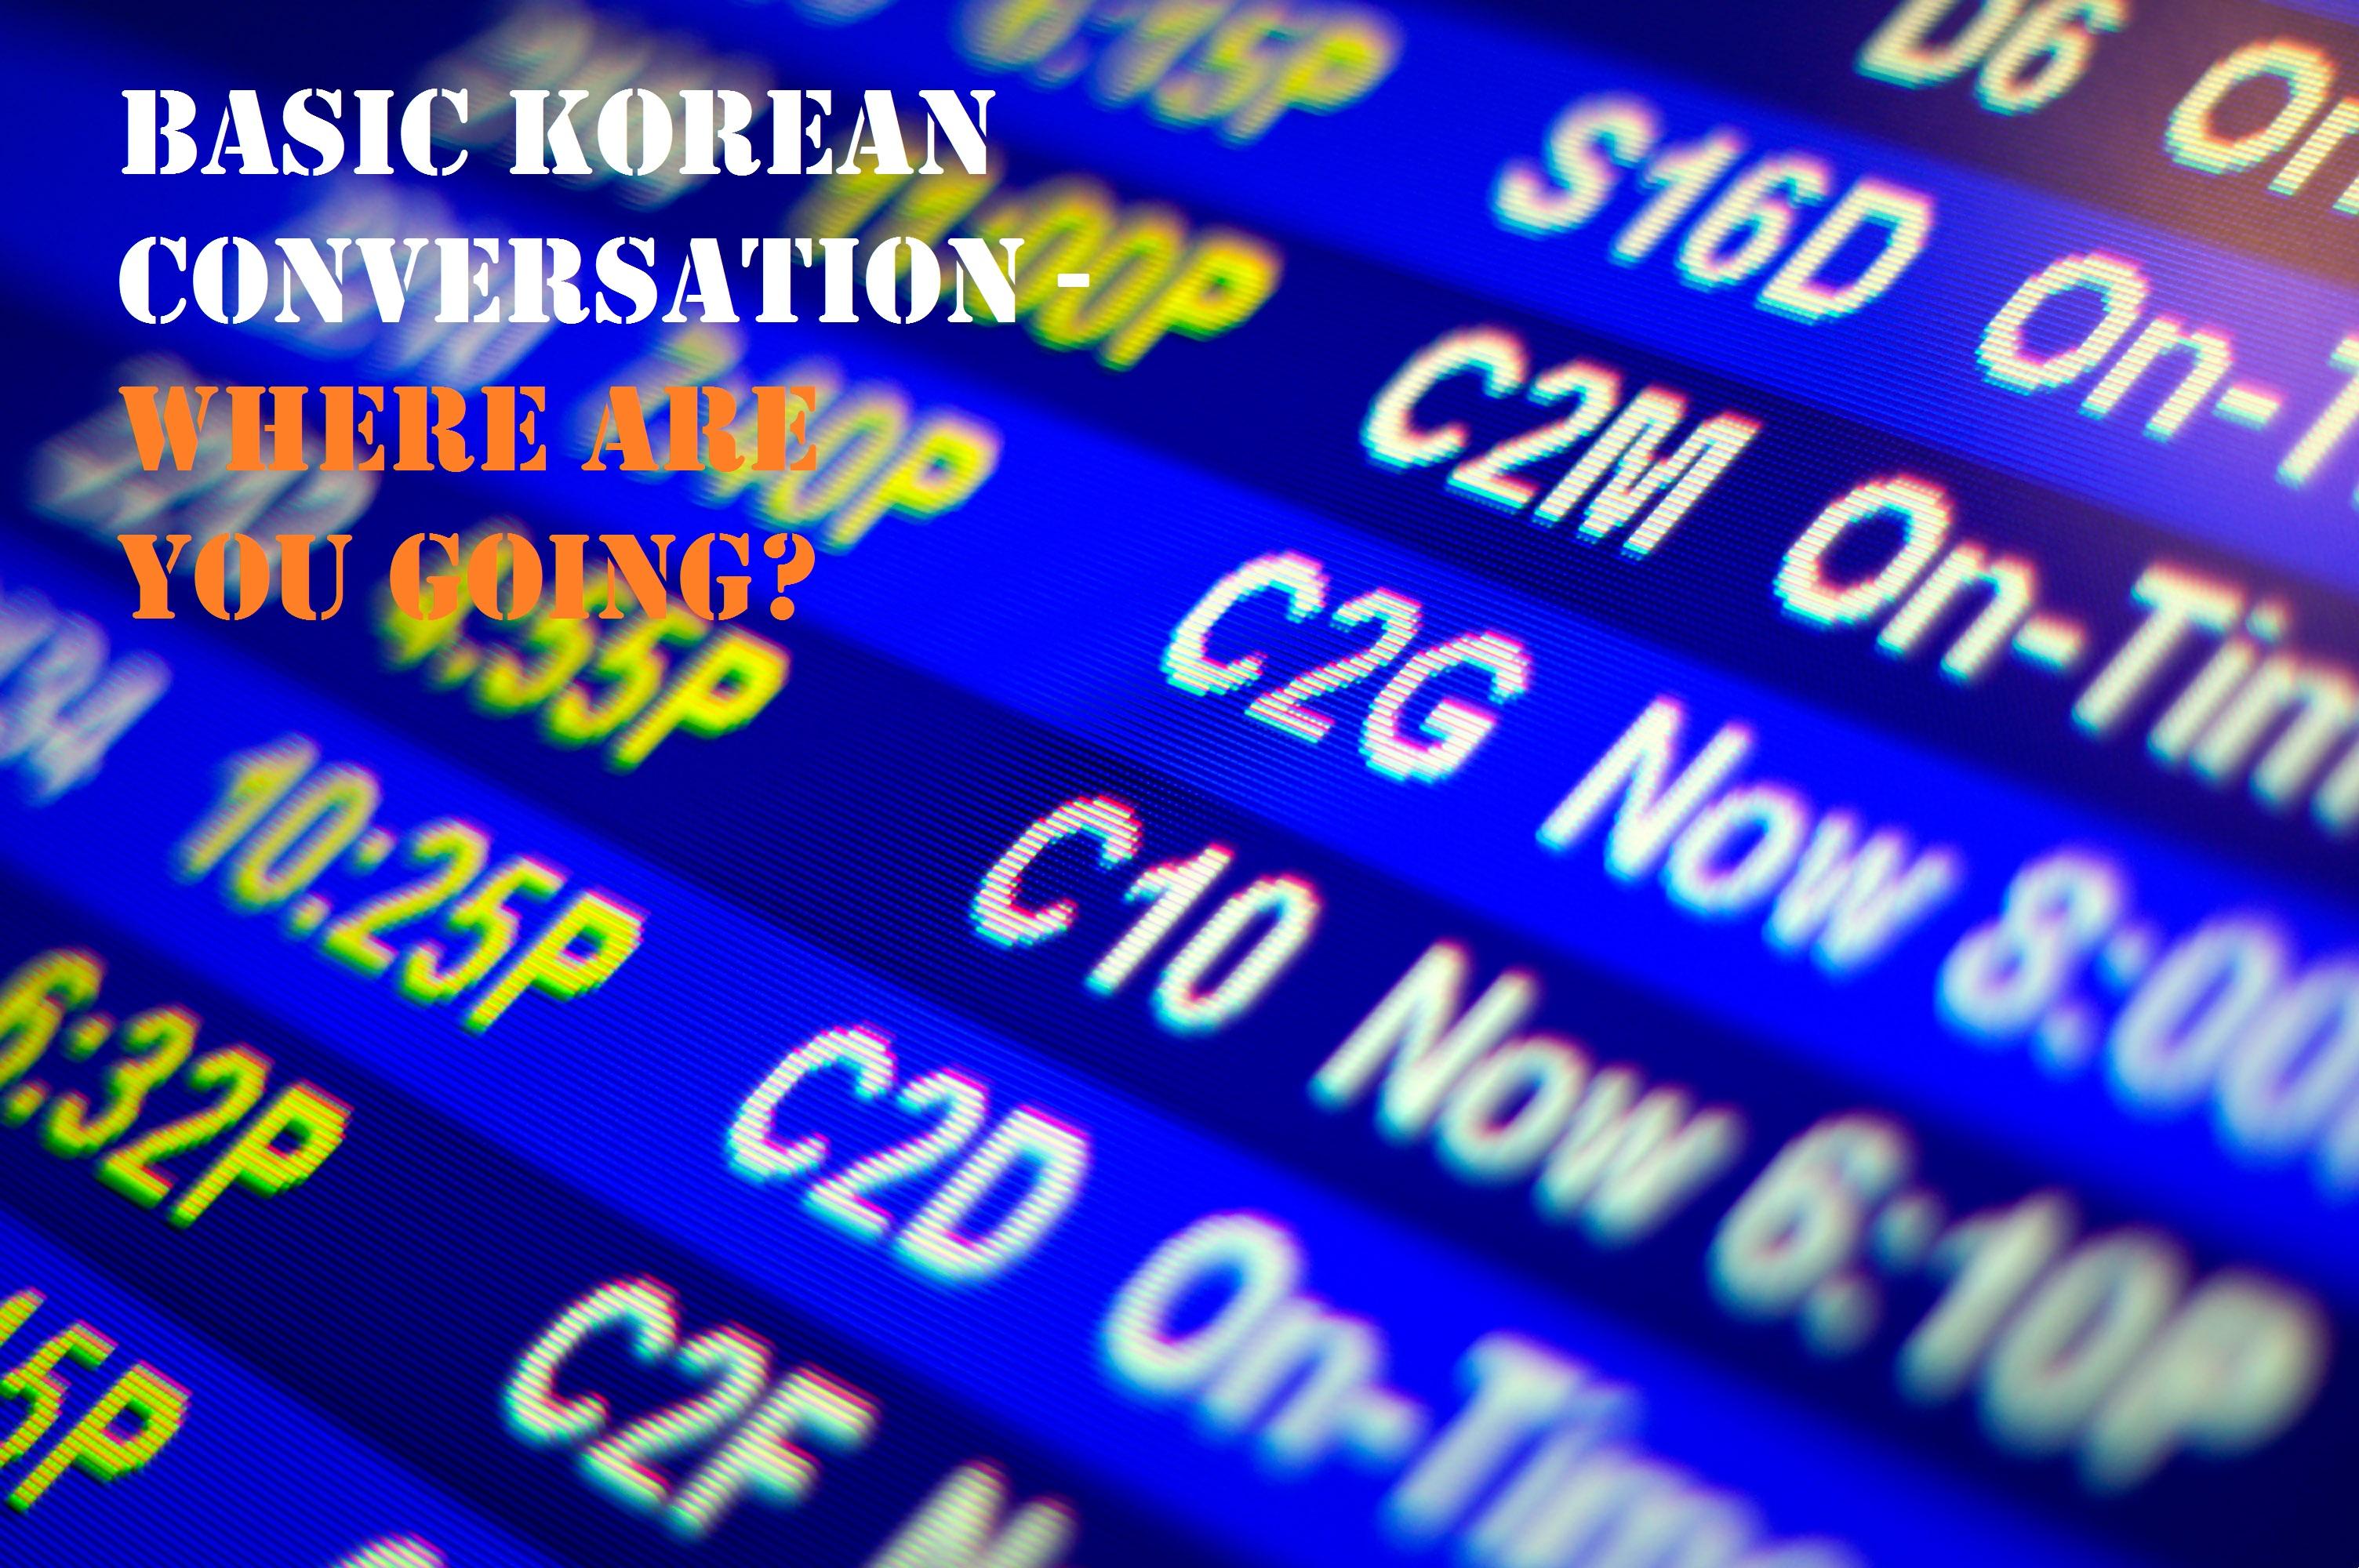 See You Soon In Korean